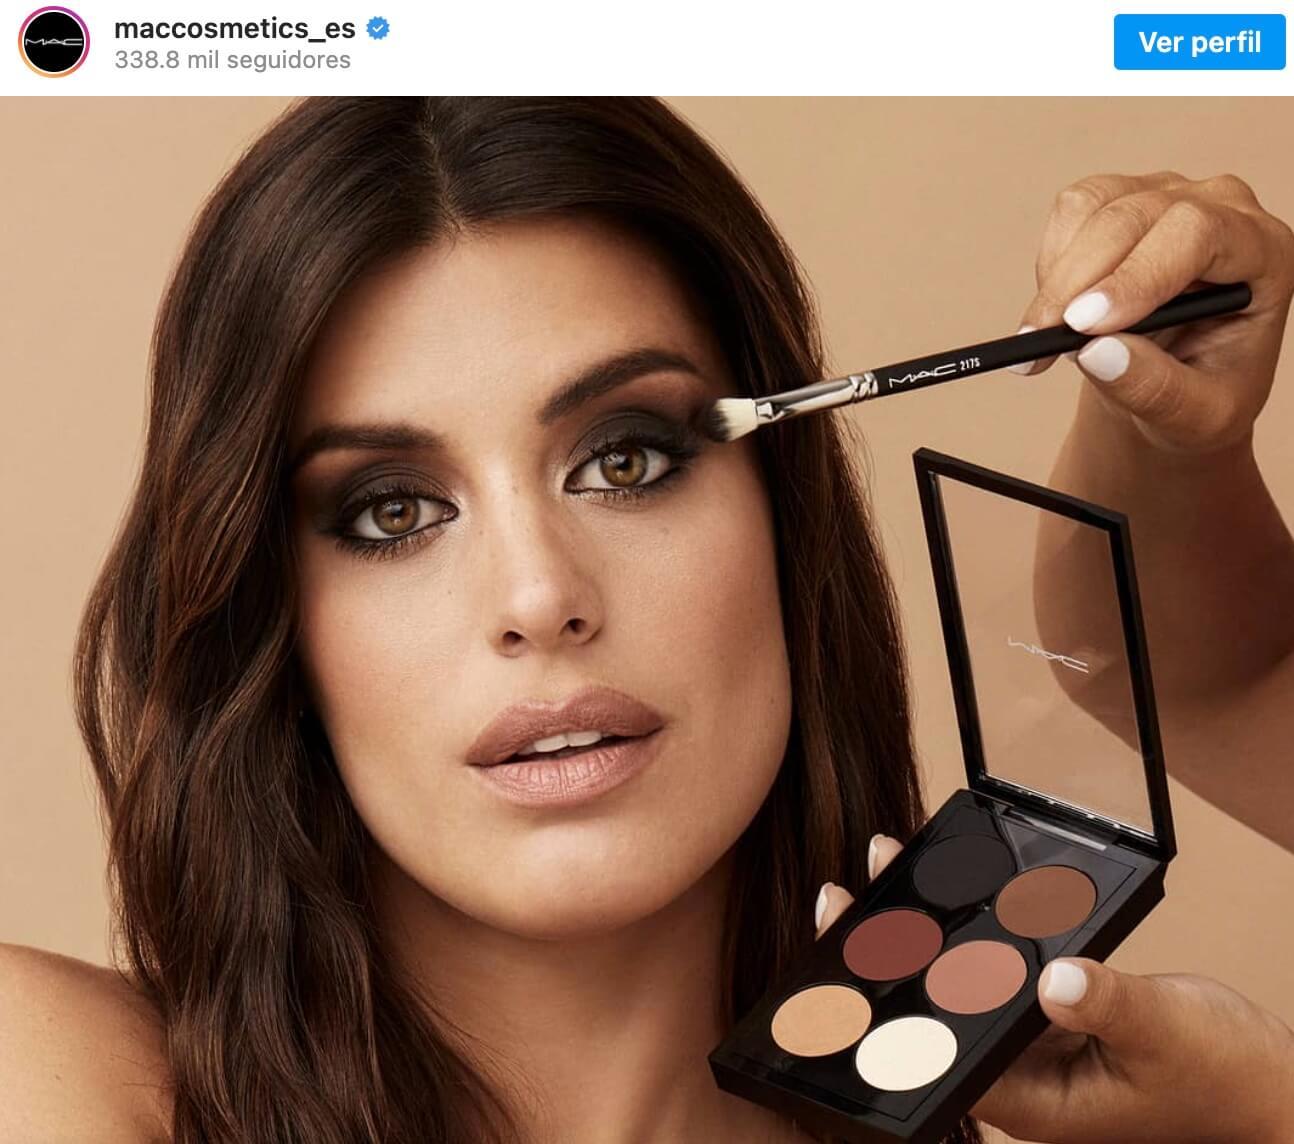 Marketing de influencers ejemplos, Mac Cosmetics